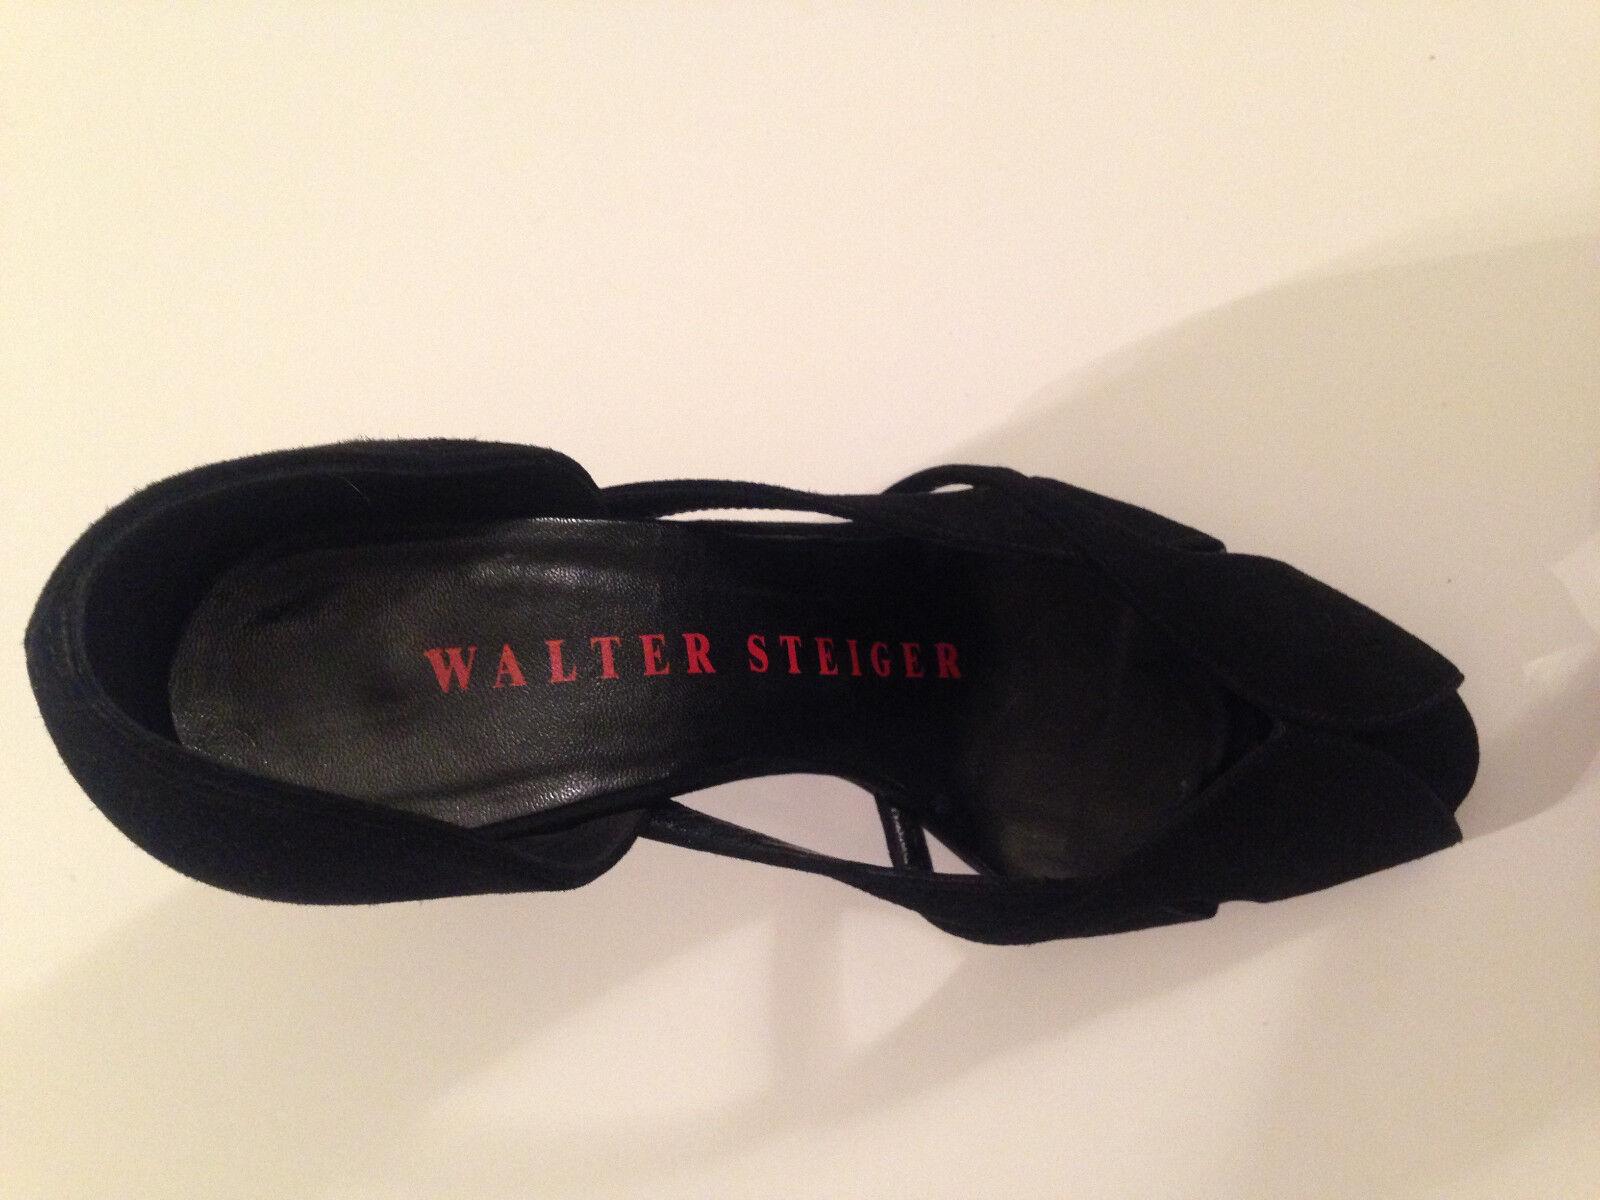 Walter Größe Steiger, Wunderschöne Peep Toe's, Wildleder, Schwarz, Größe Walter 36,5, TOP f3cfc4